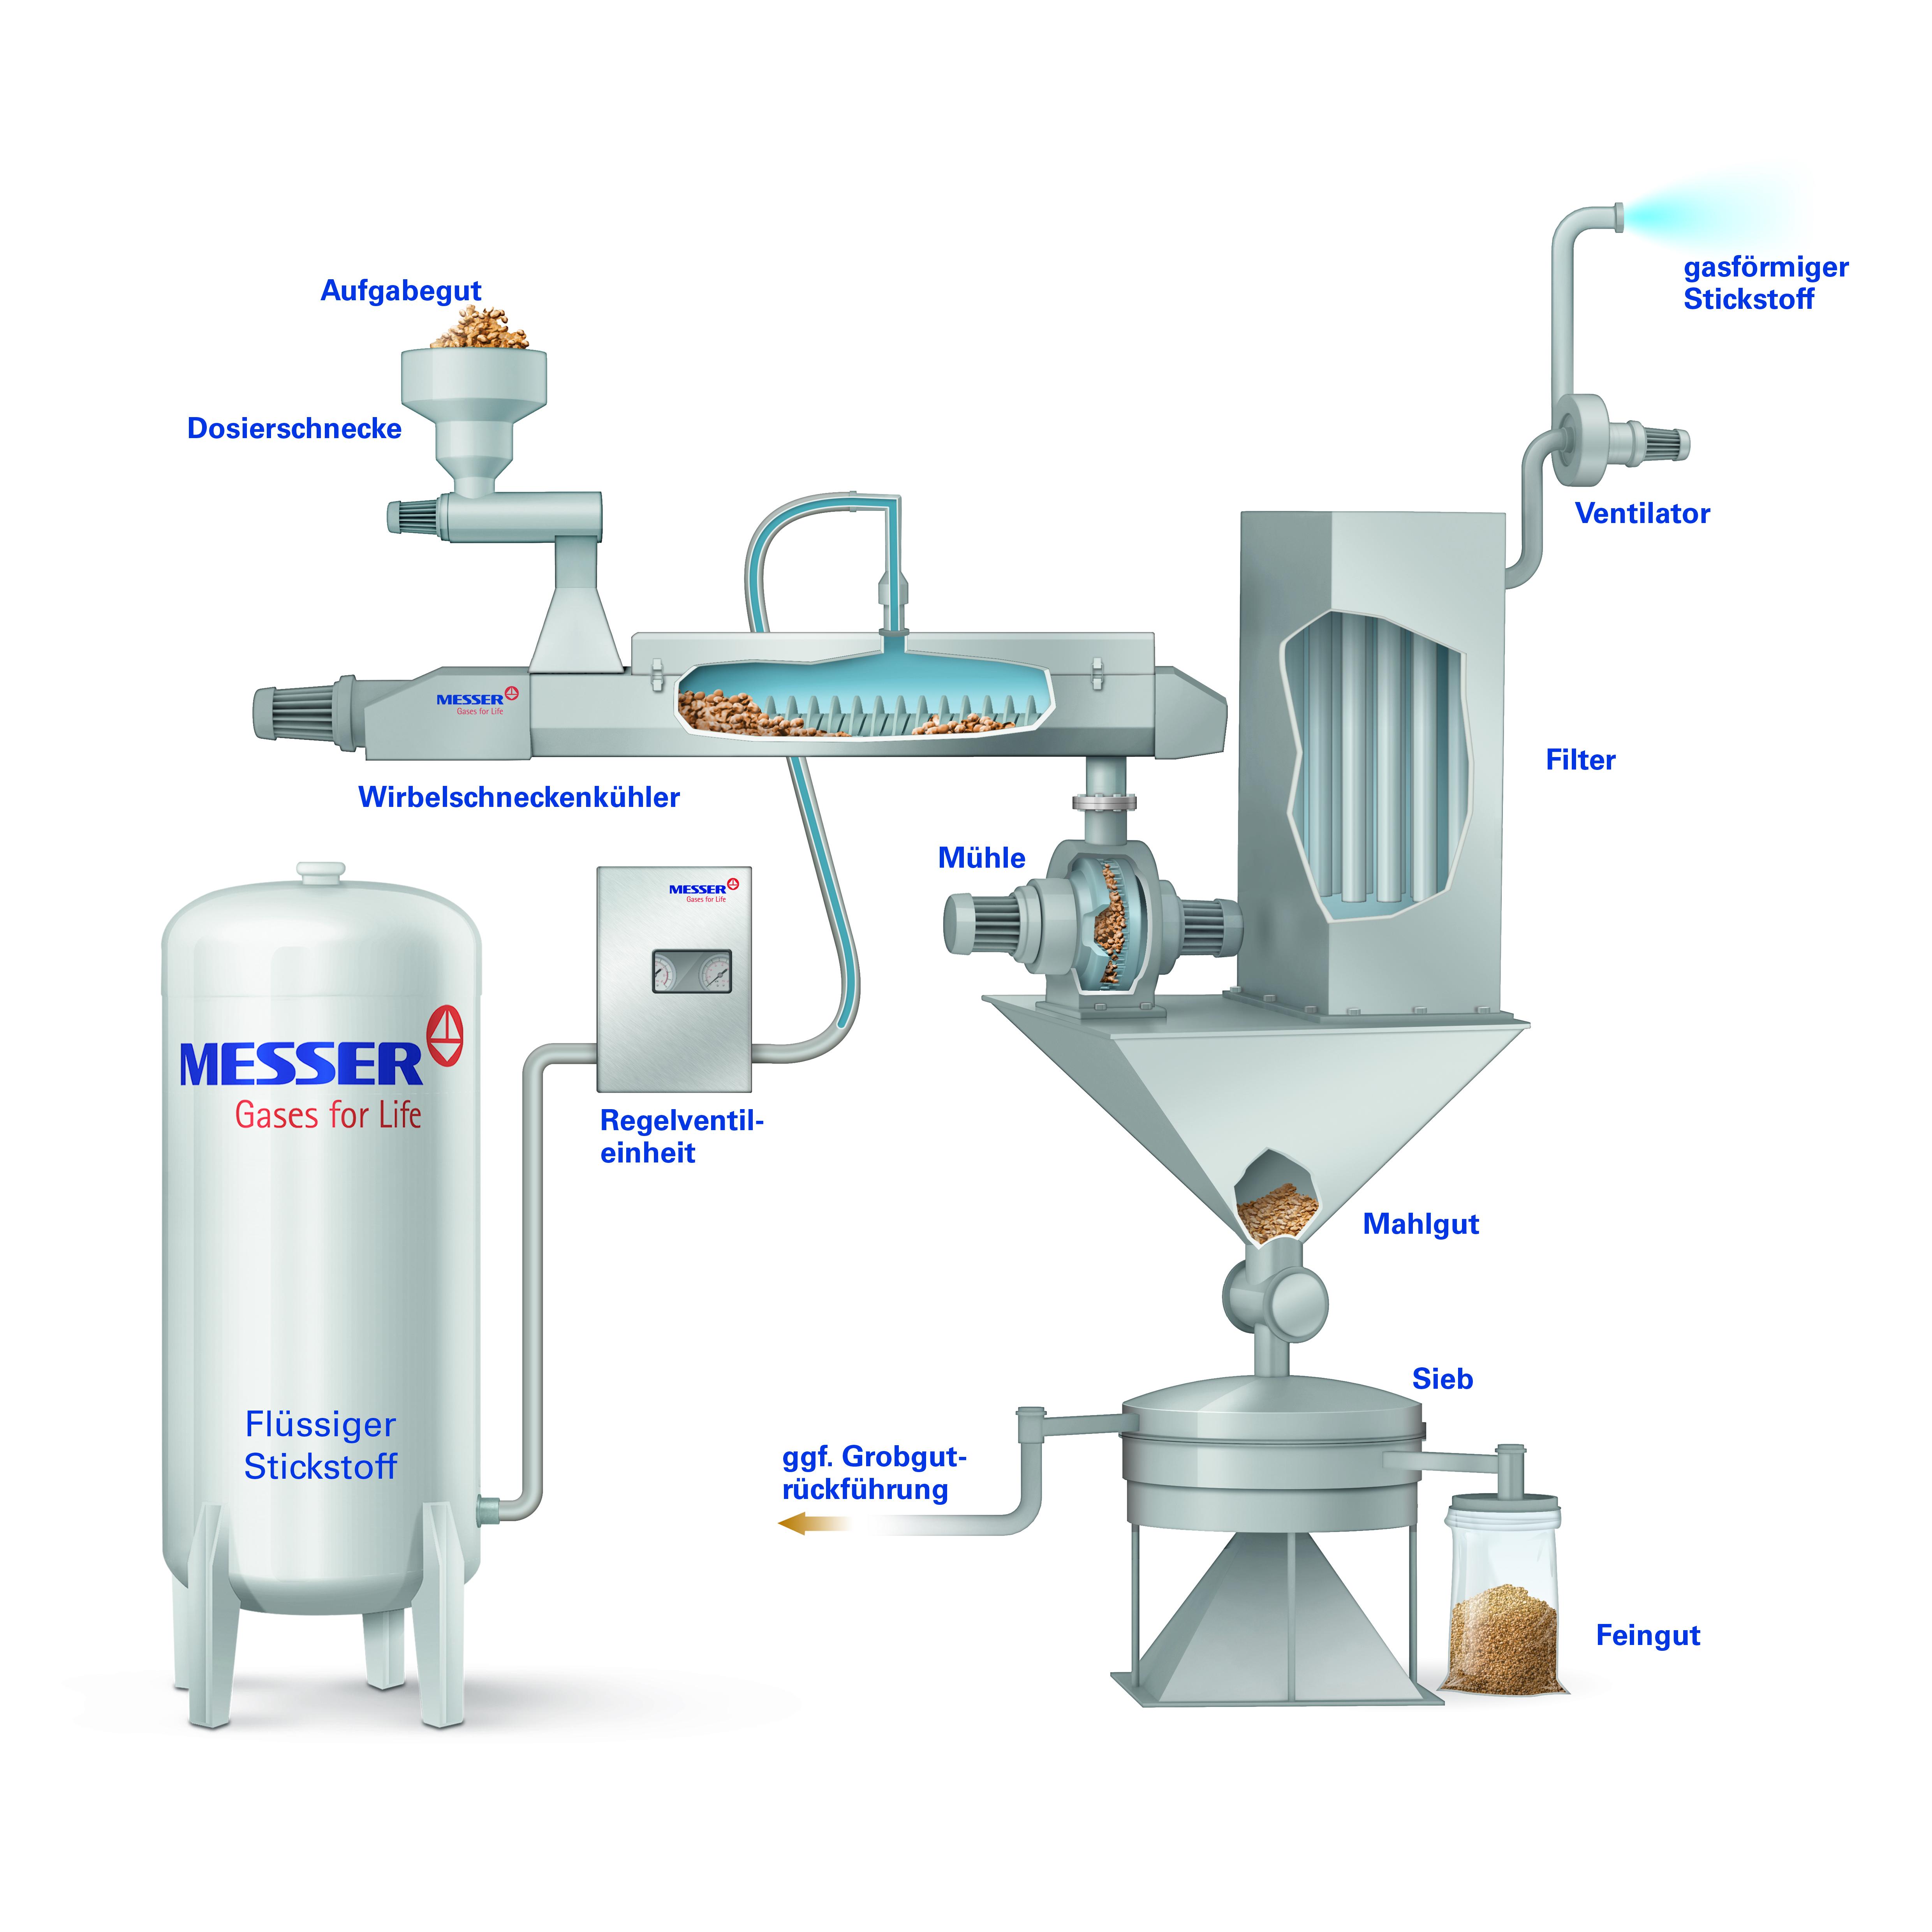 3/DE Kryogentechnik zur Produktkuehlung